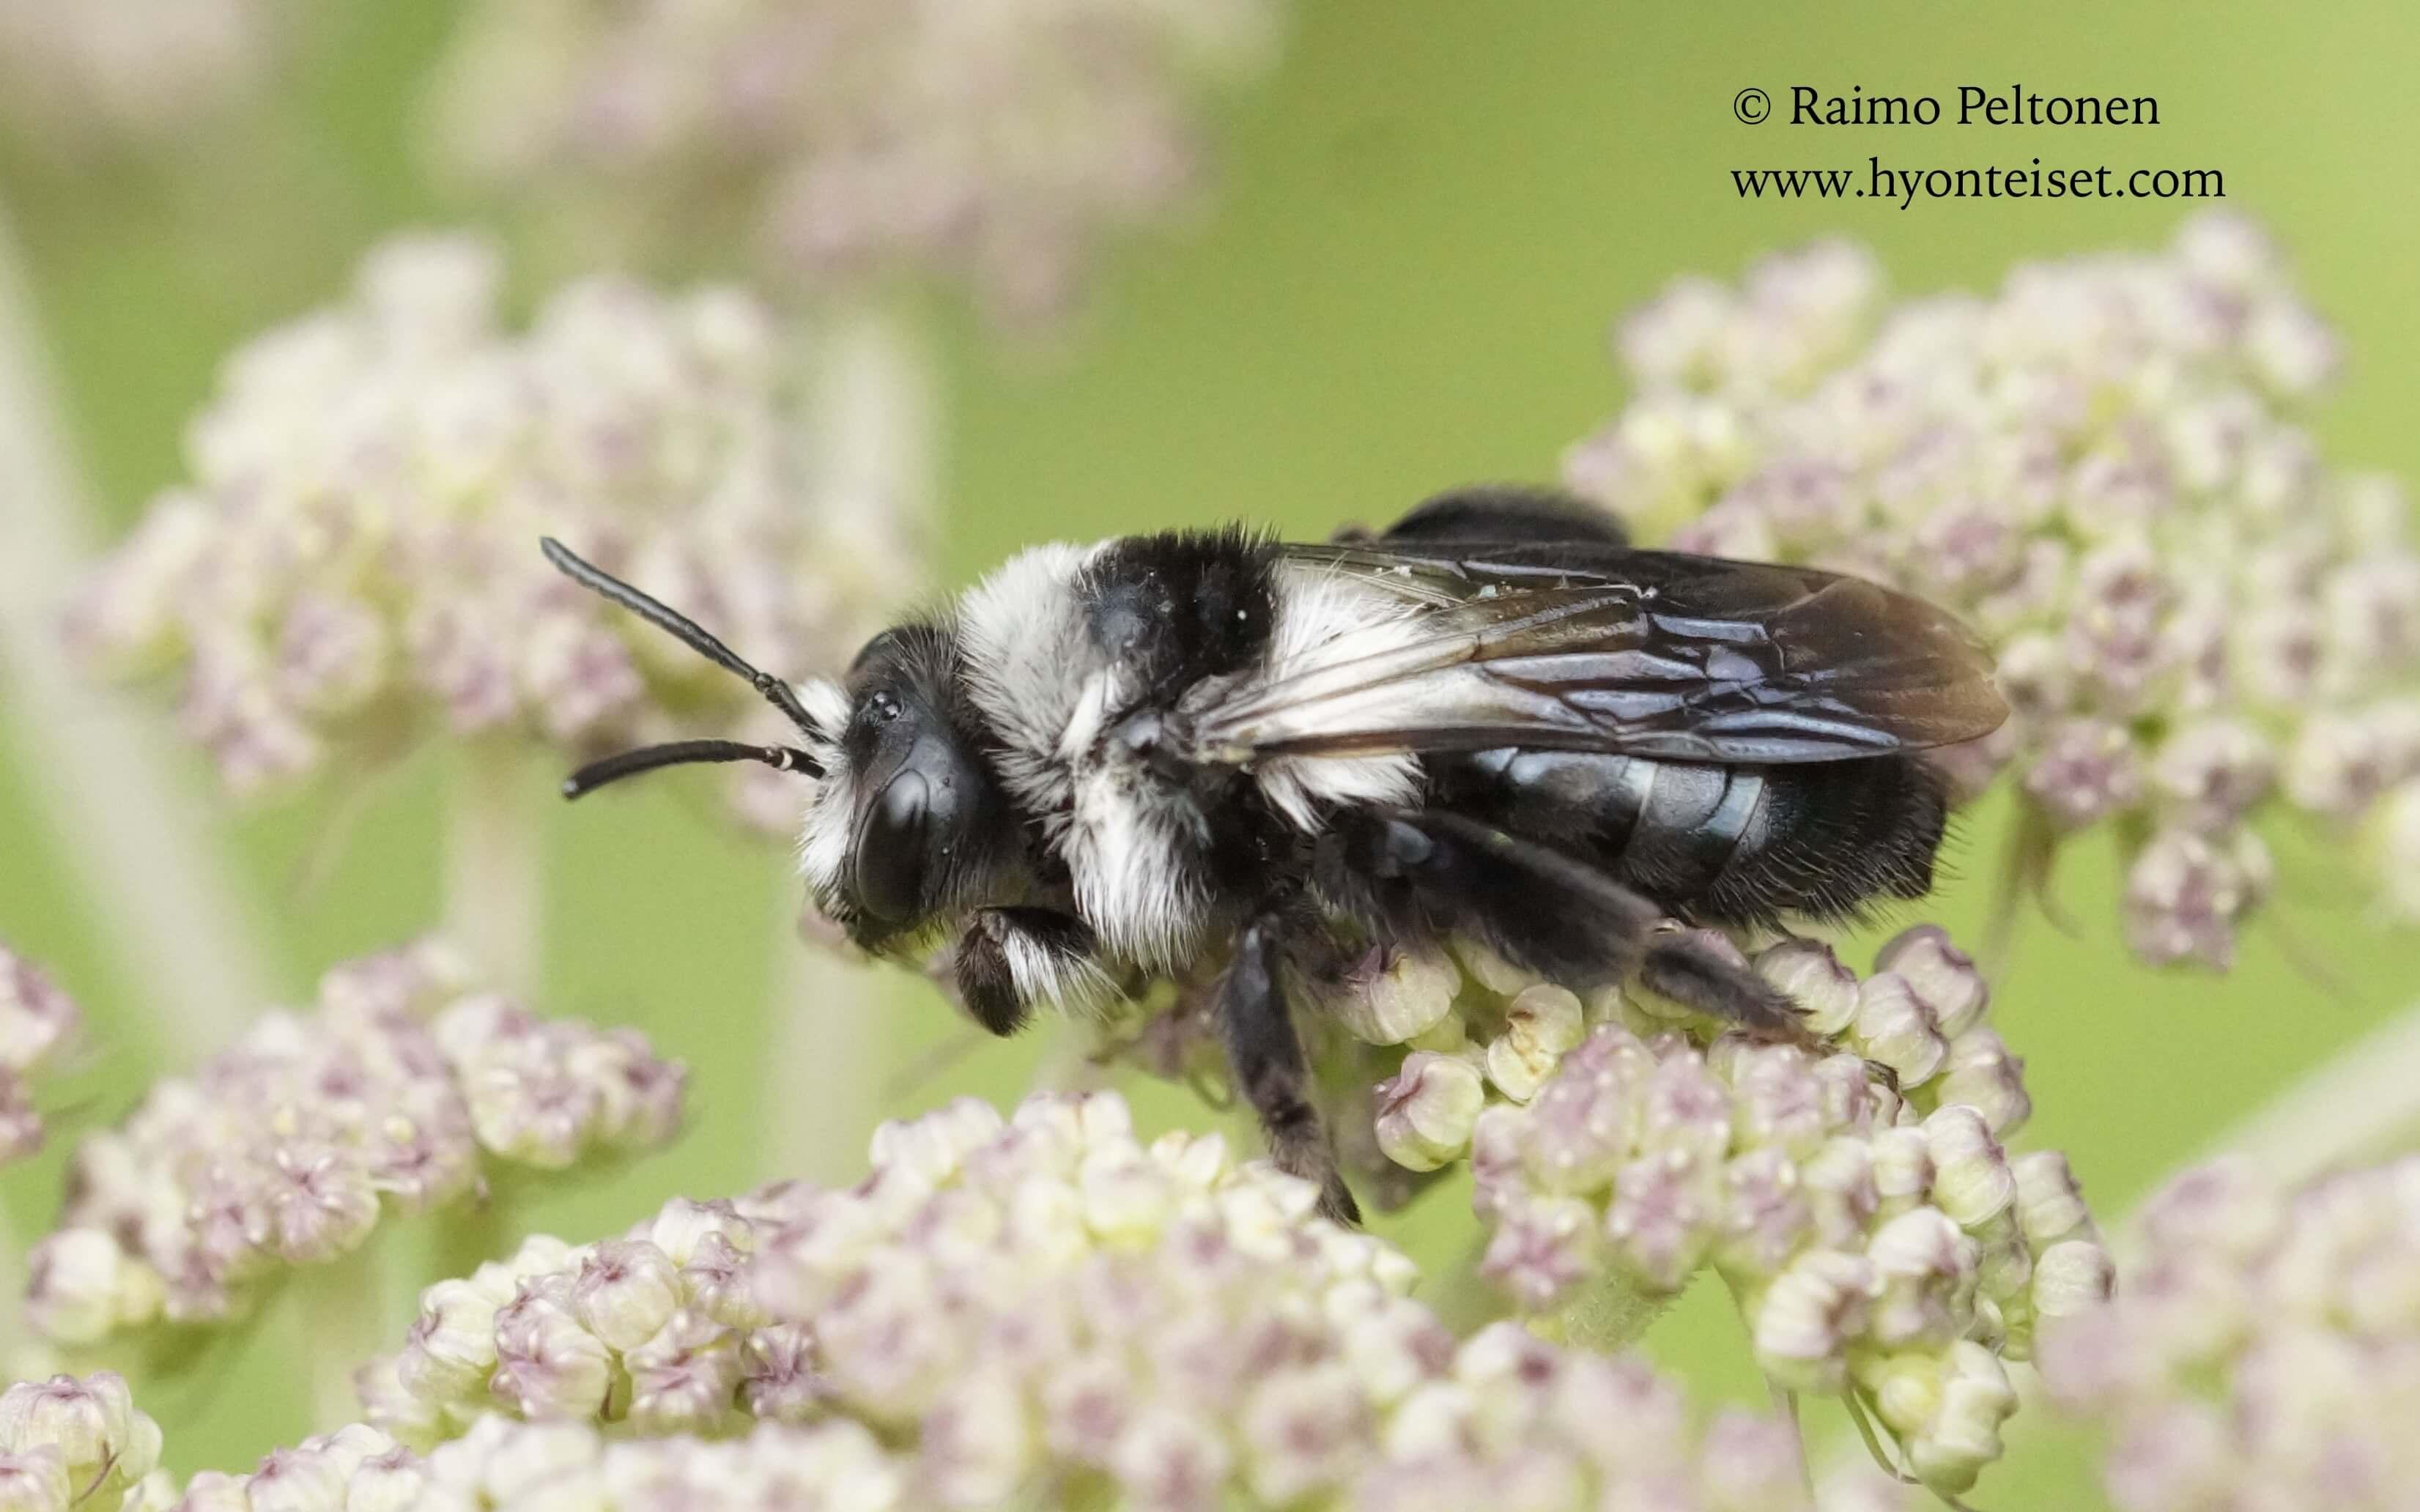 Andrena cineraria-hohtomaamehiläinen, naaras (conf. Juho Paukkunen), 21.7.2017 Jyväskylä